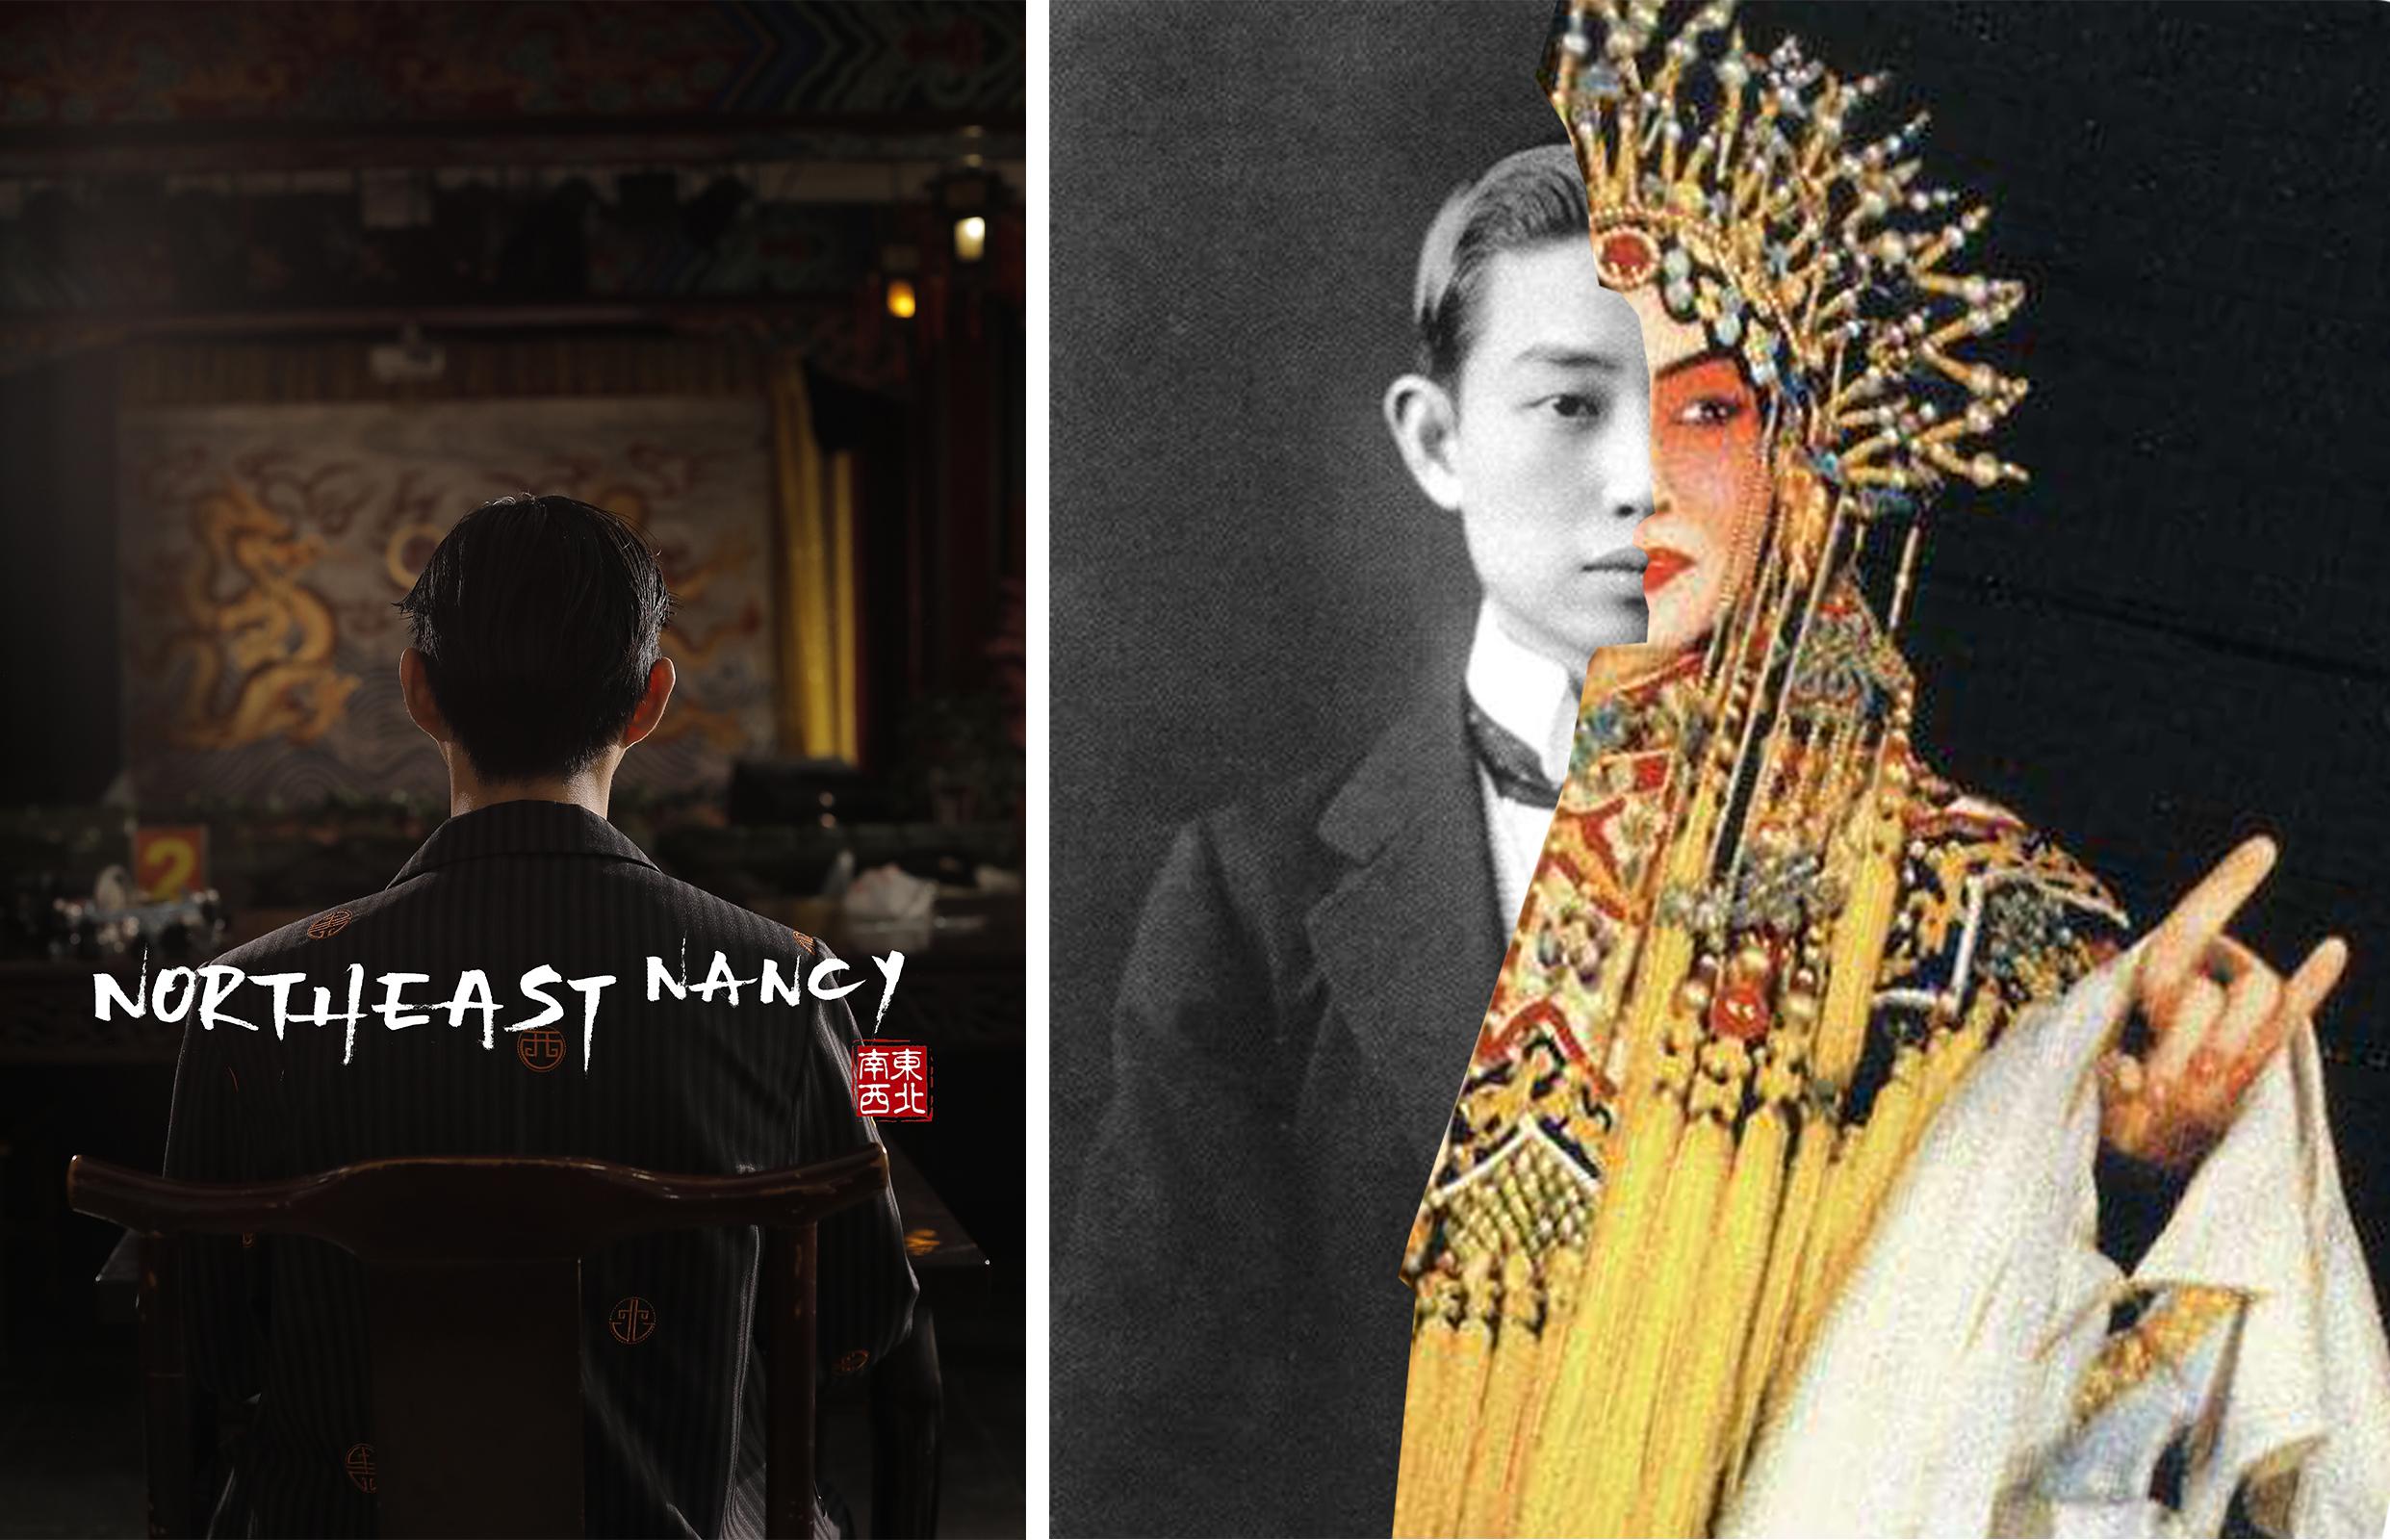 居然能在伦敦时装周举办毕业秀?下一位中国明星设计师或许就在其中